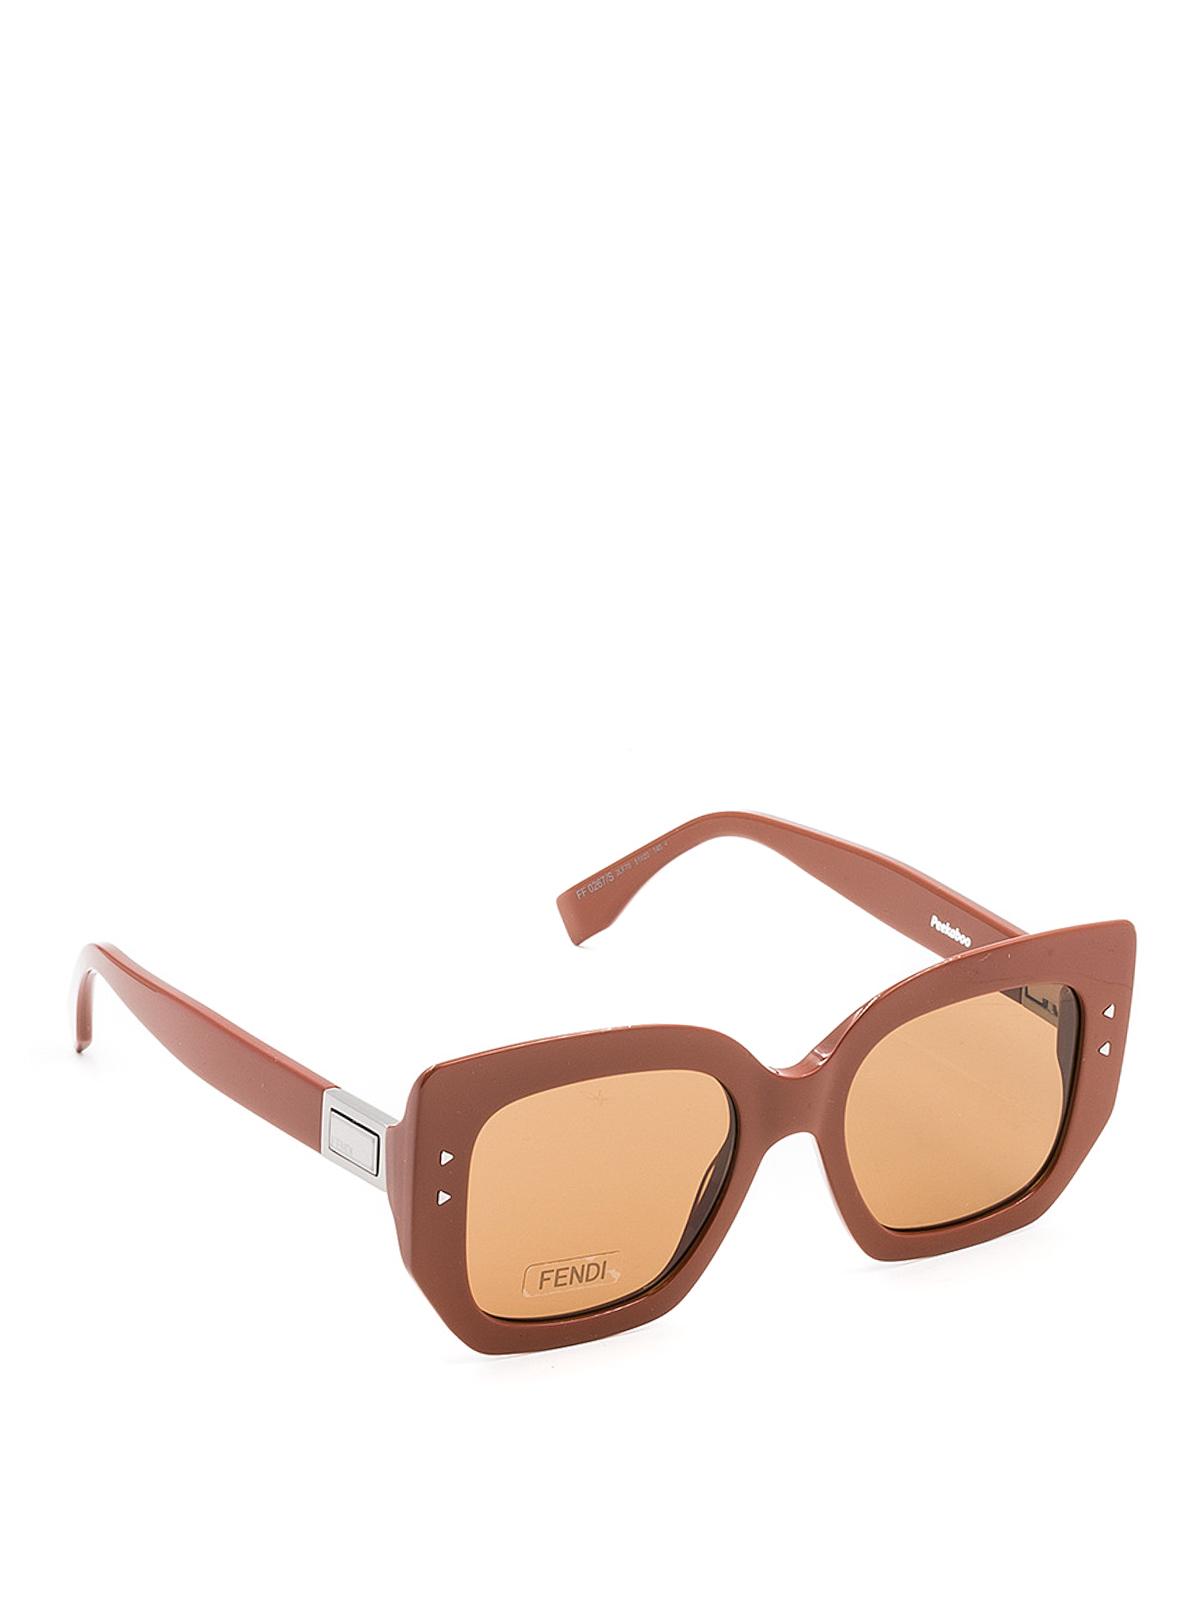 65bb4febd9 Fendi - Sonnenbrille - Braun - Sonnenbrillen - FF0267S2LF70